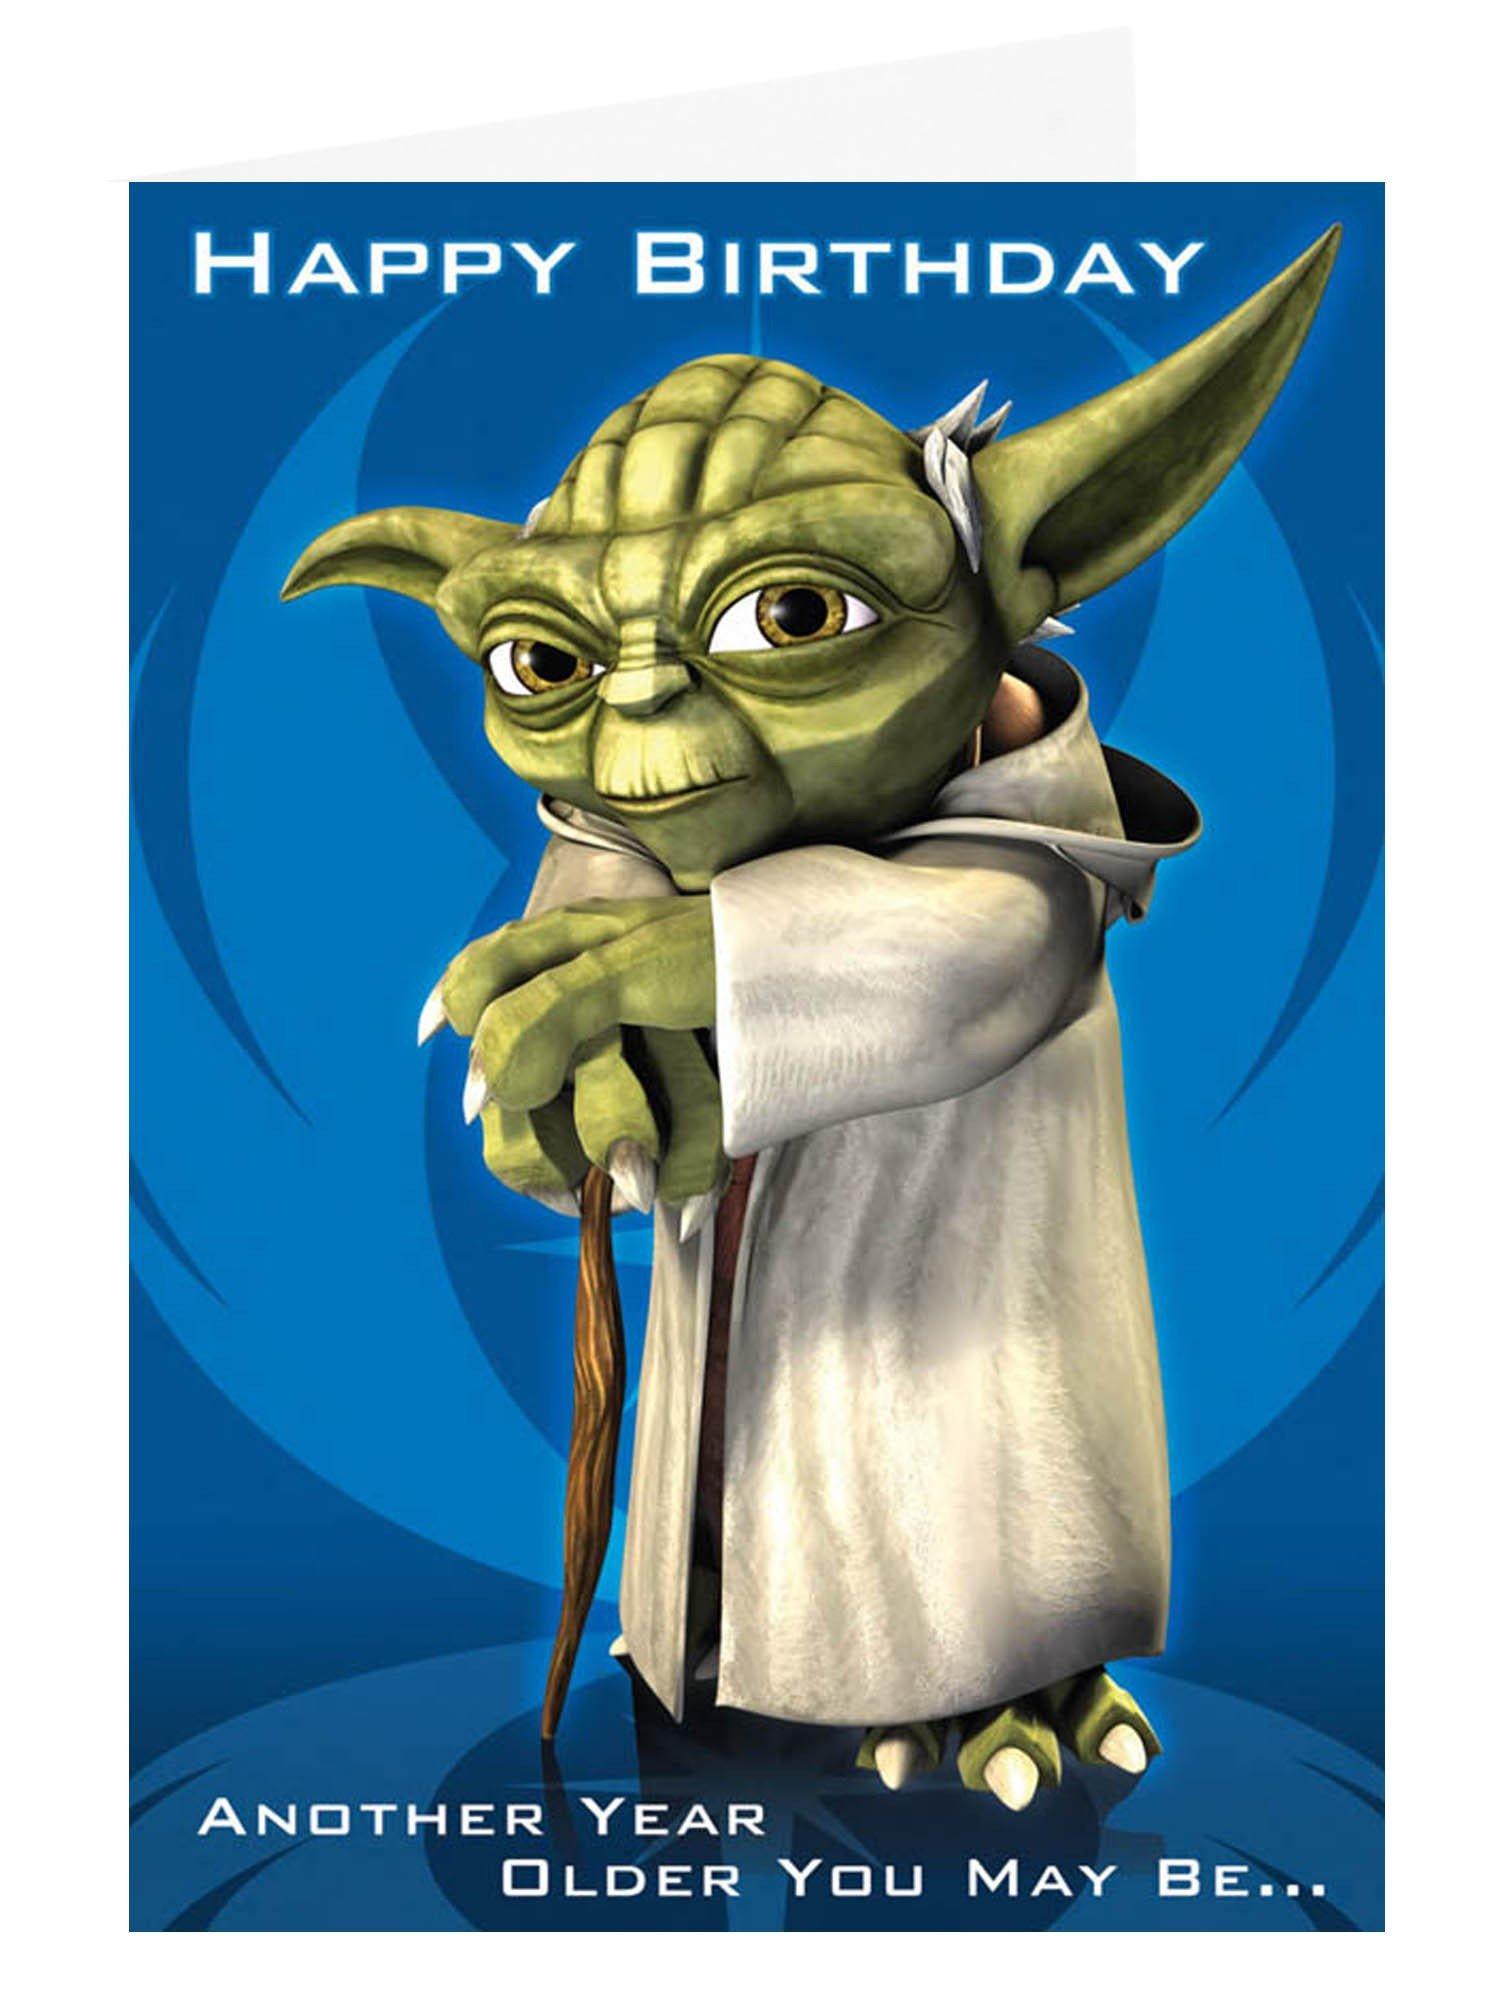 Birthday star wars quotes quotesgram - Bon anniversaire star wars ...